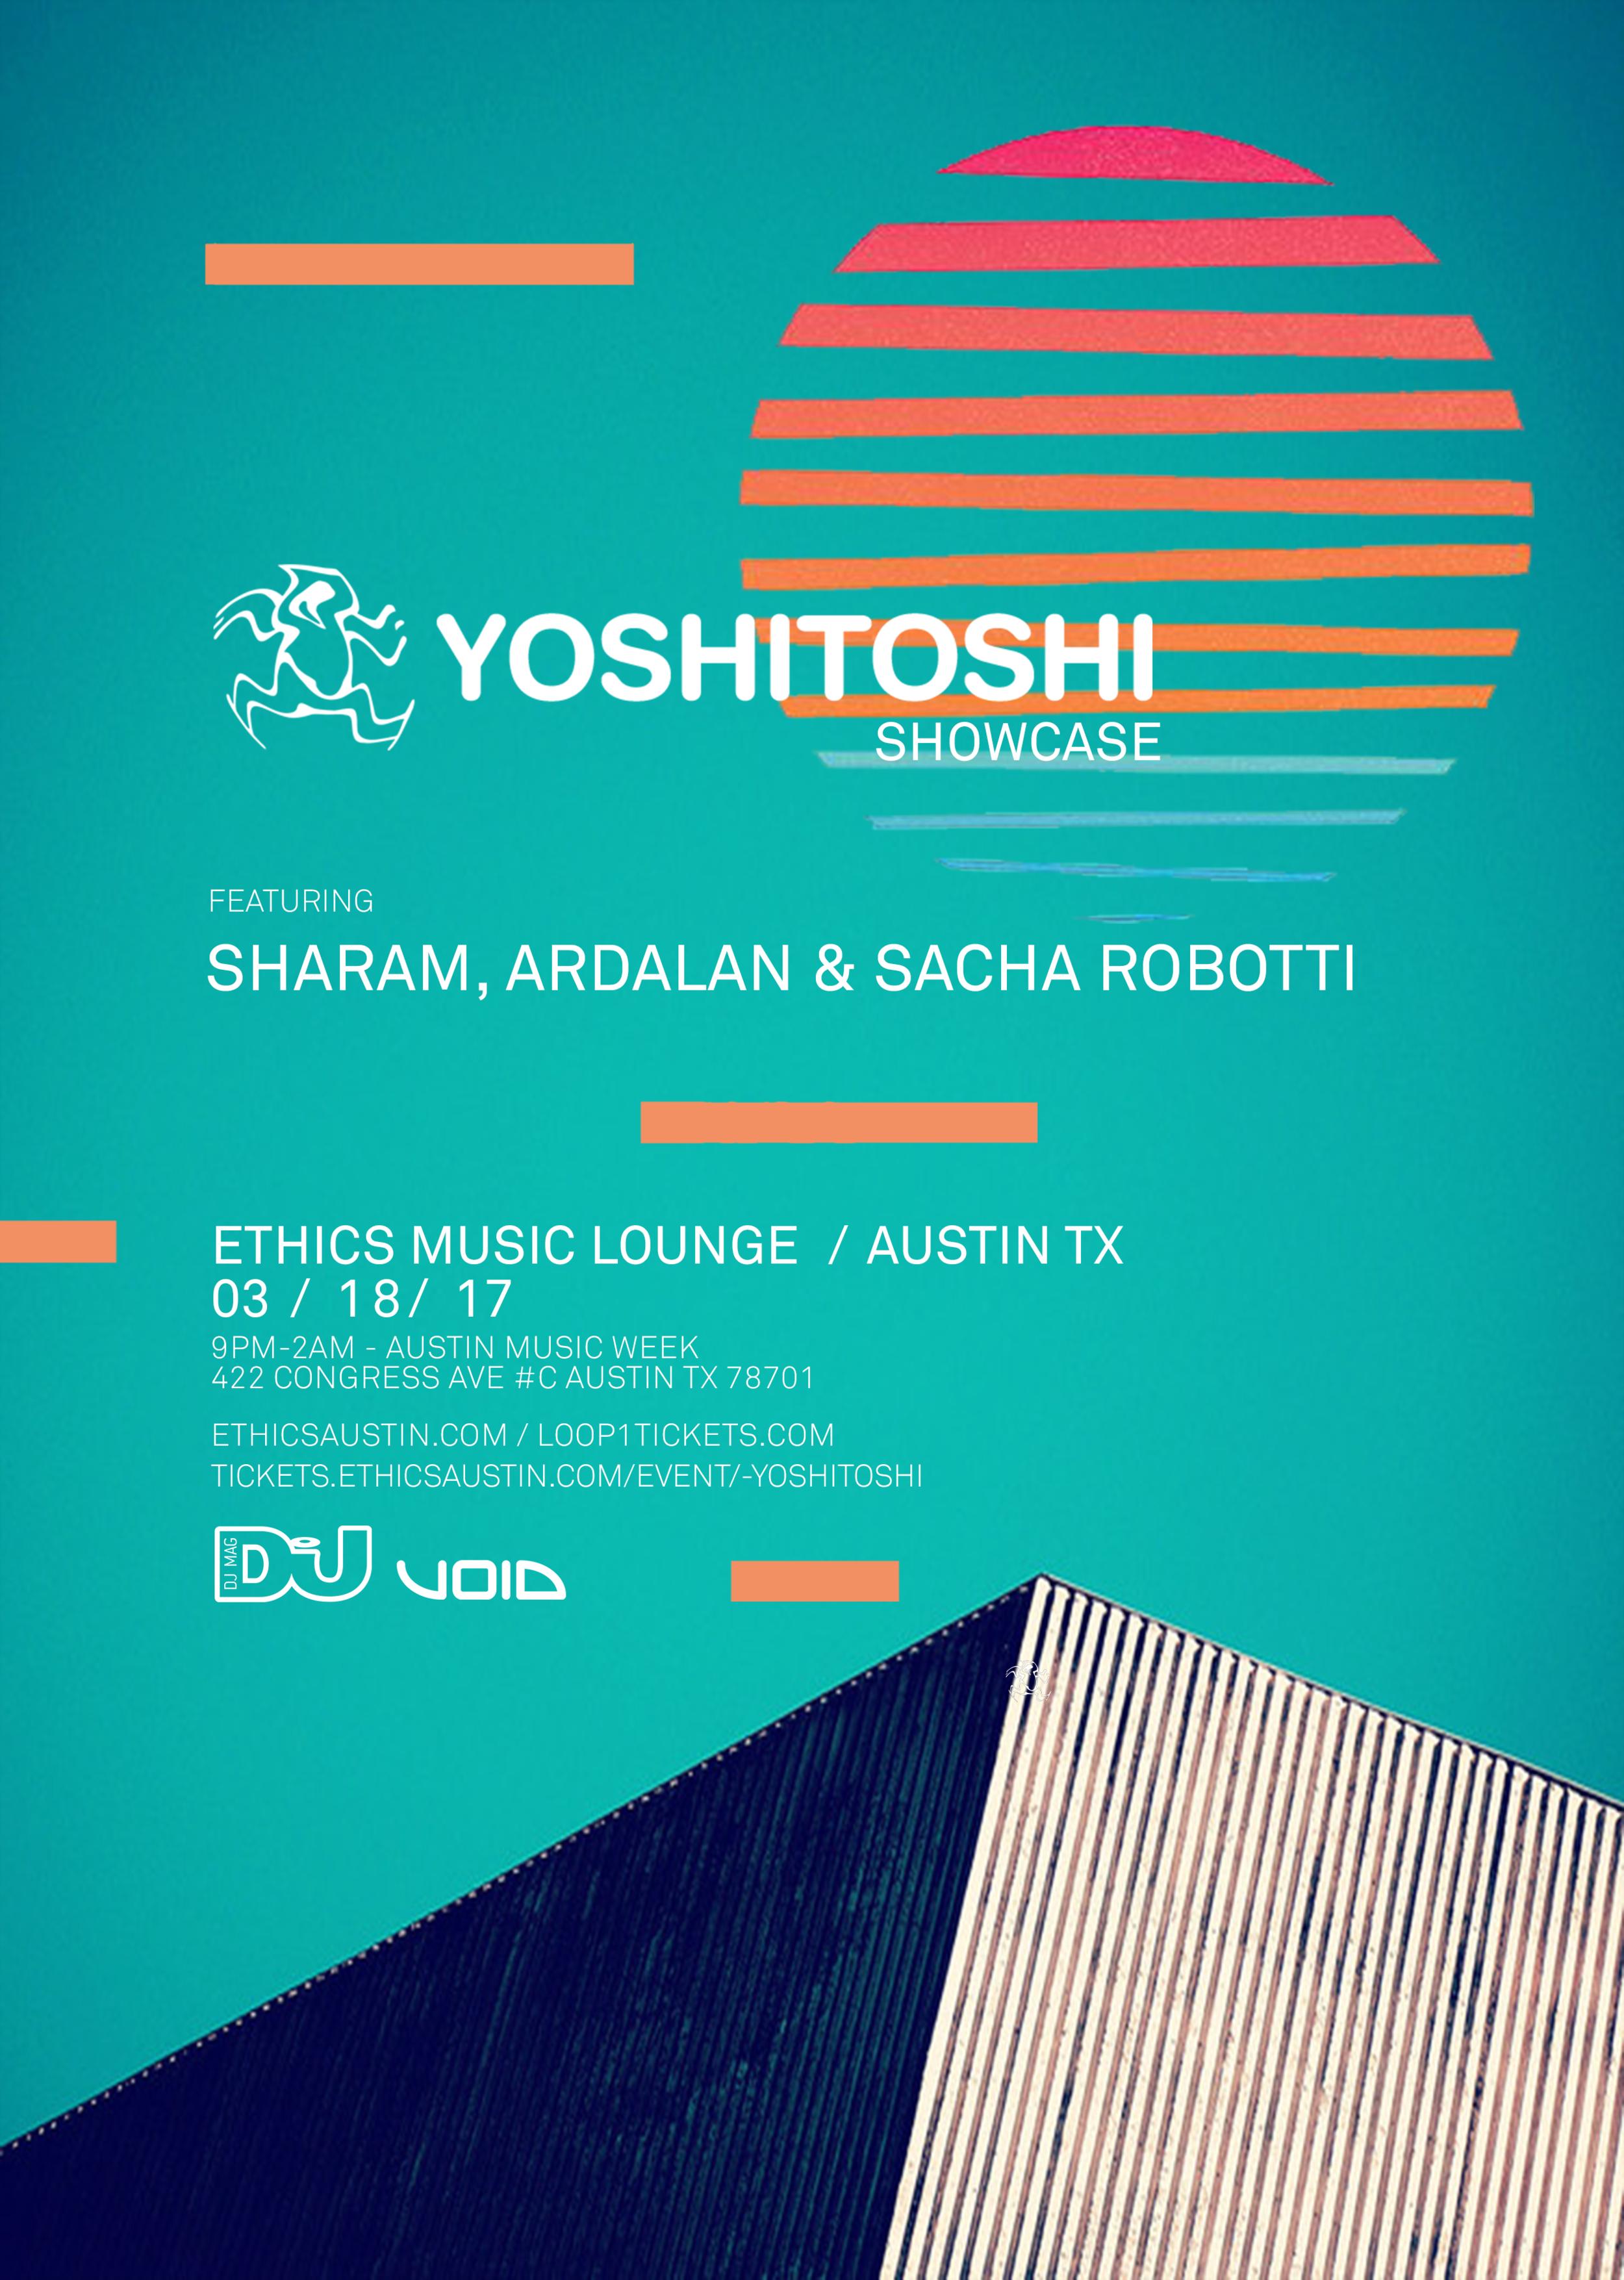 Yoshitoshi Showcase Flyer.png